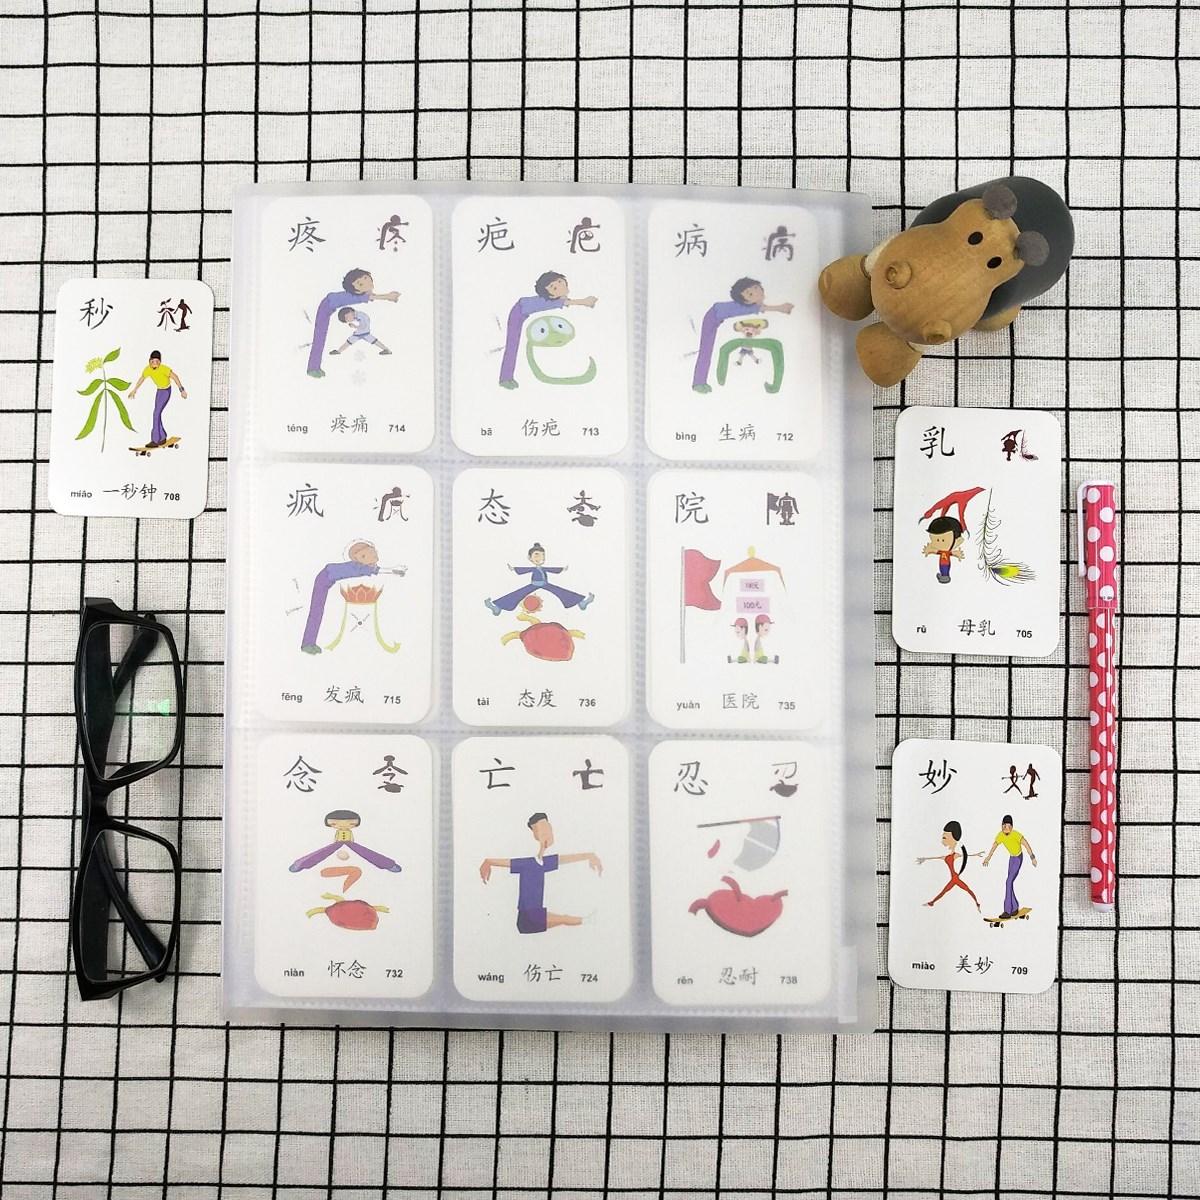 儿童识字卡片3寸大容量拍立得插页限4000张券